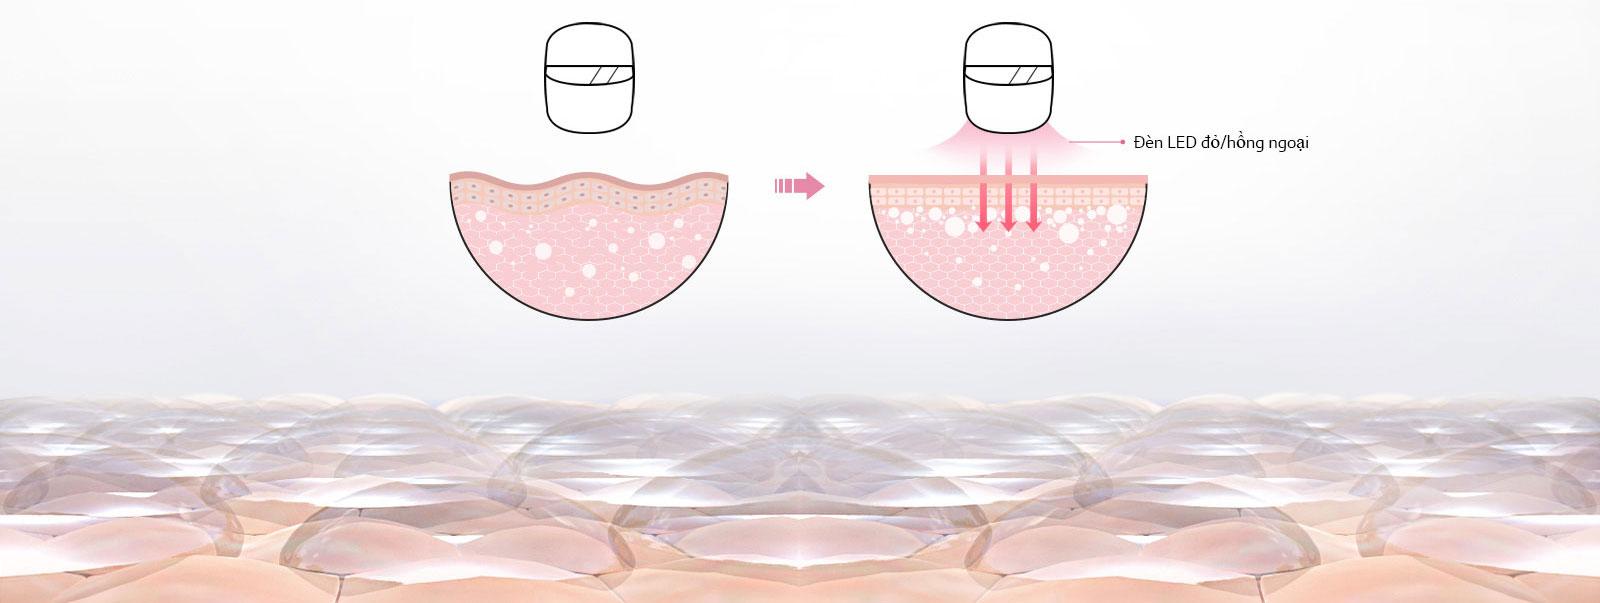 Hình ảnh thể hiện ánh sáng đỏ của Mặt nạ LED Derma thâm nhập vào da.